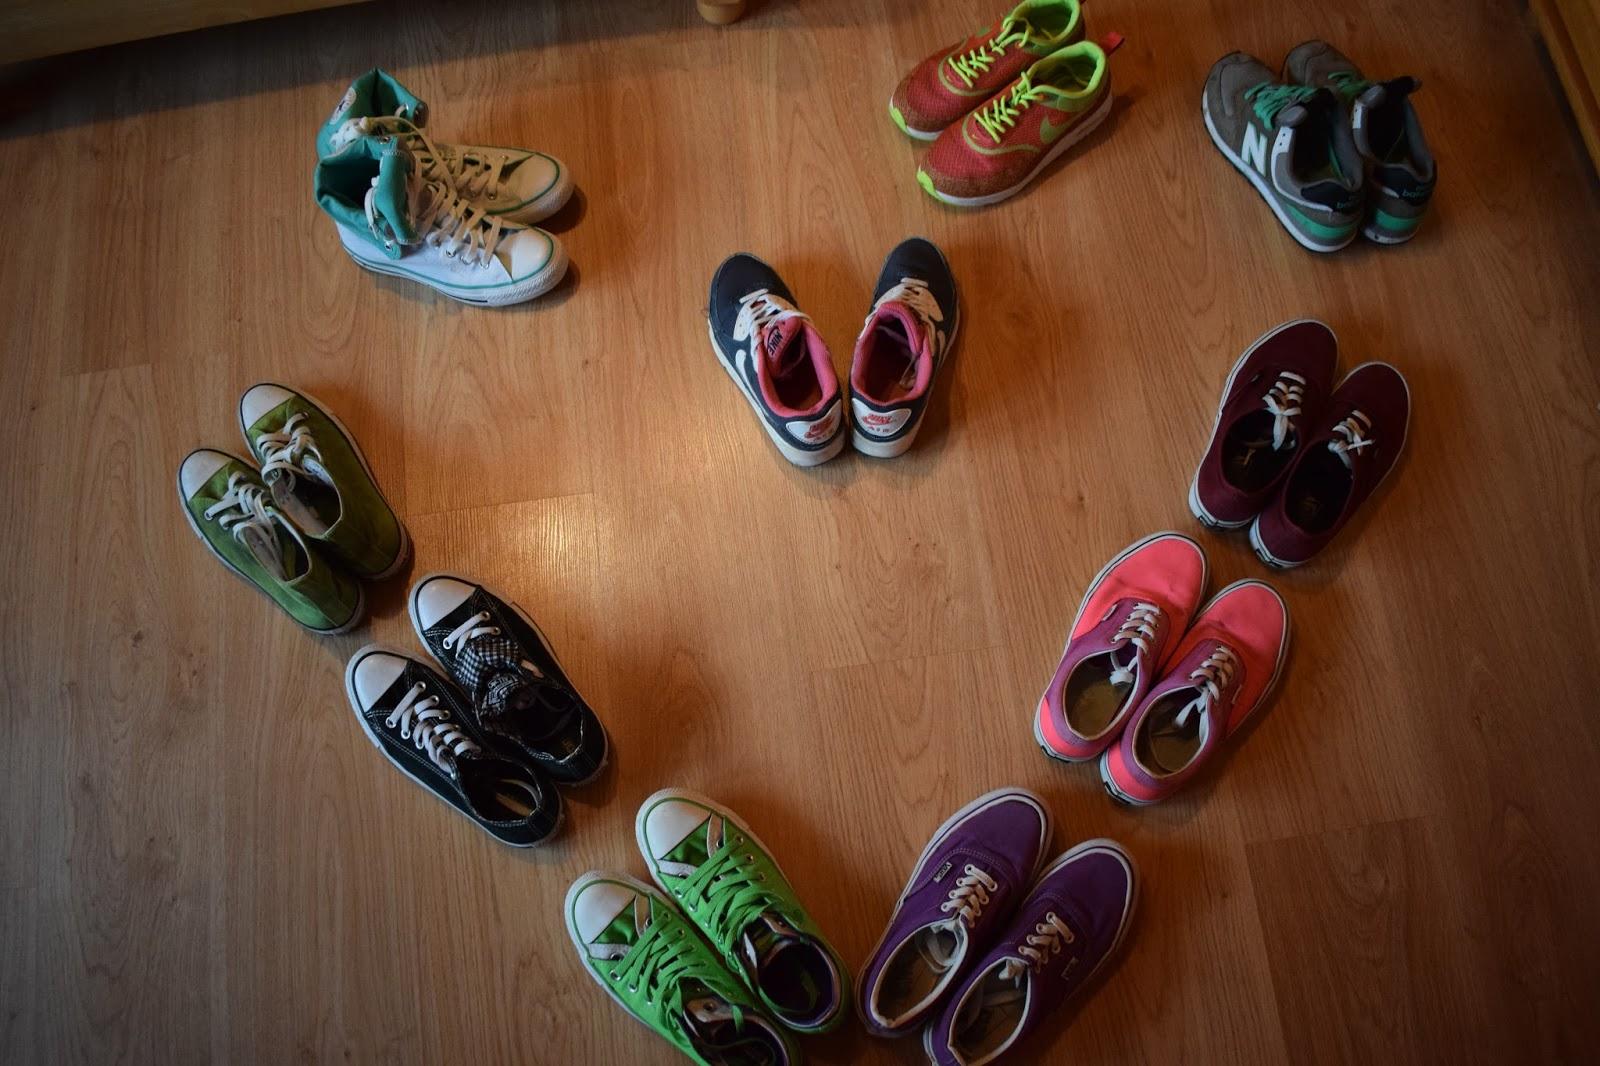 Moja kolekcja butów | PolskieSzafiarki.pl i najlepsze blogi